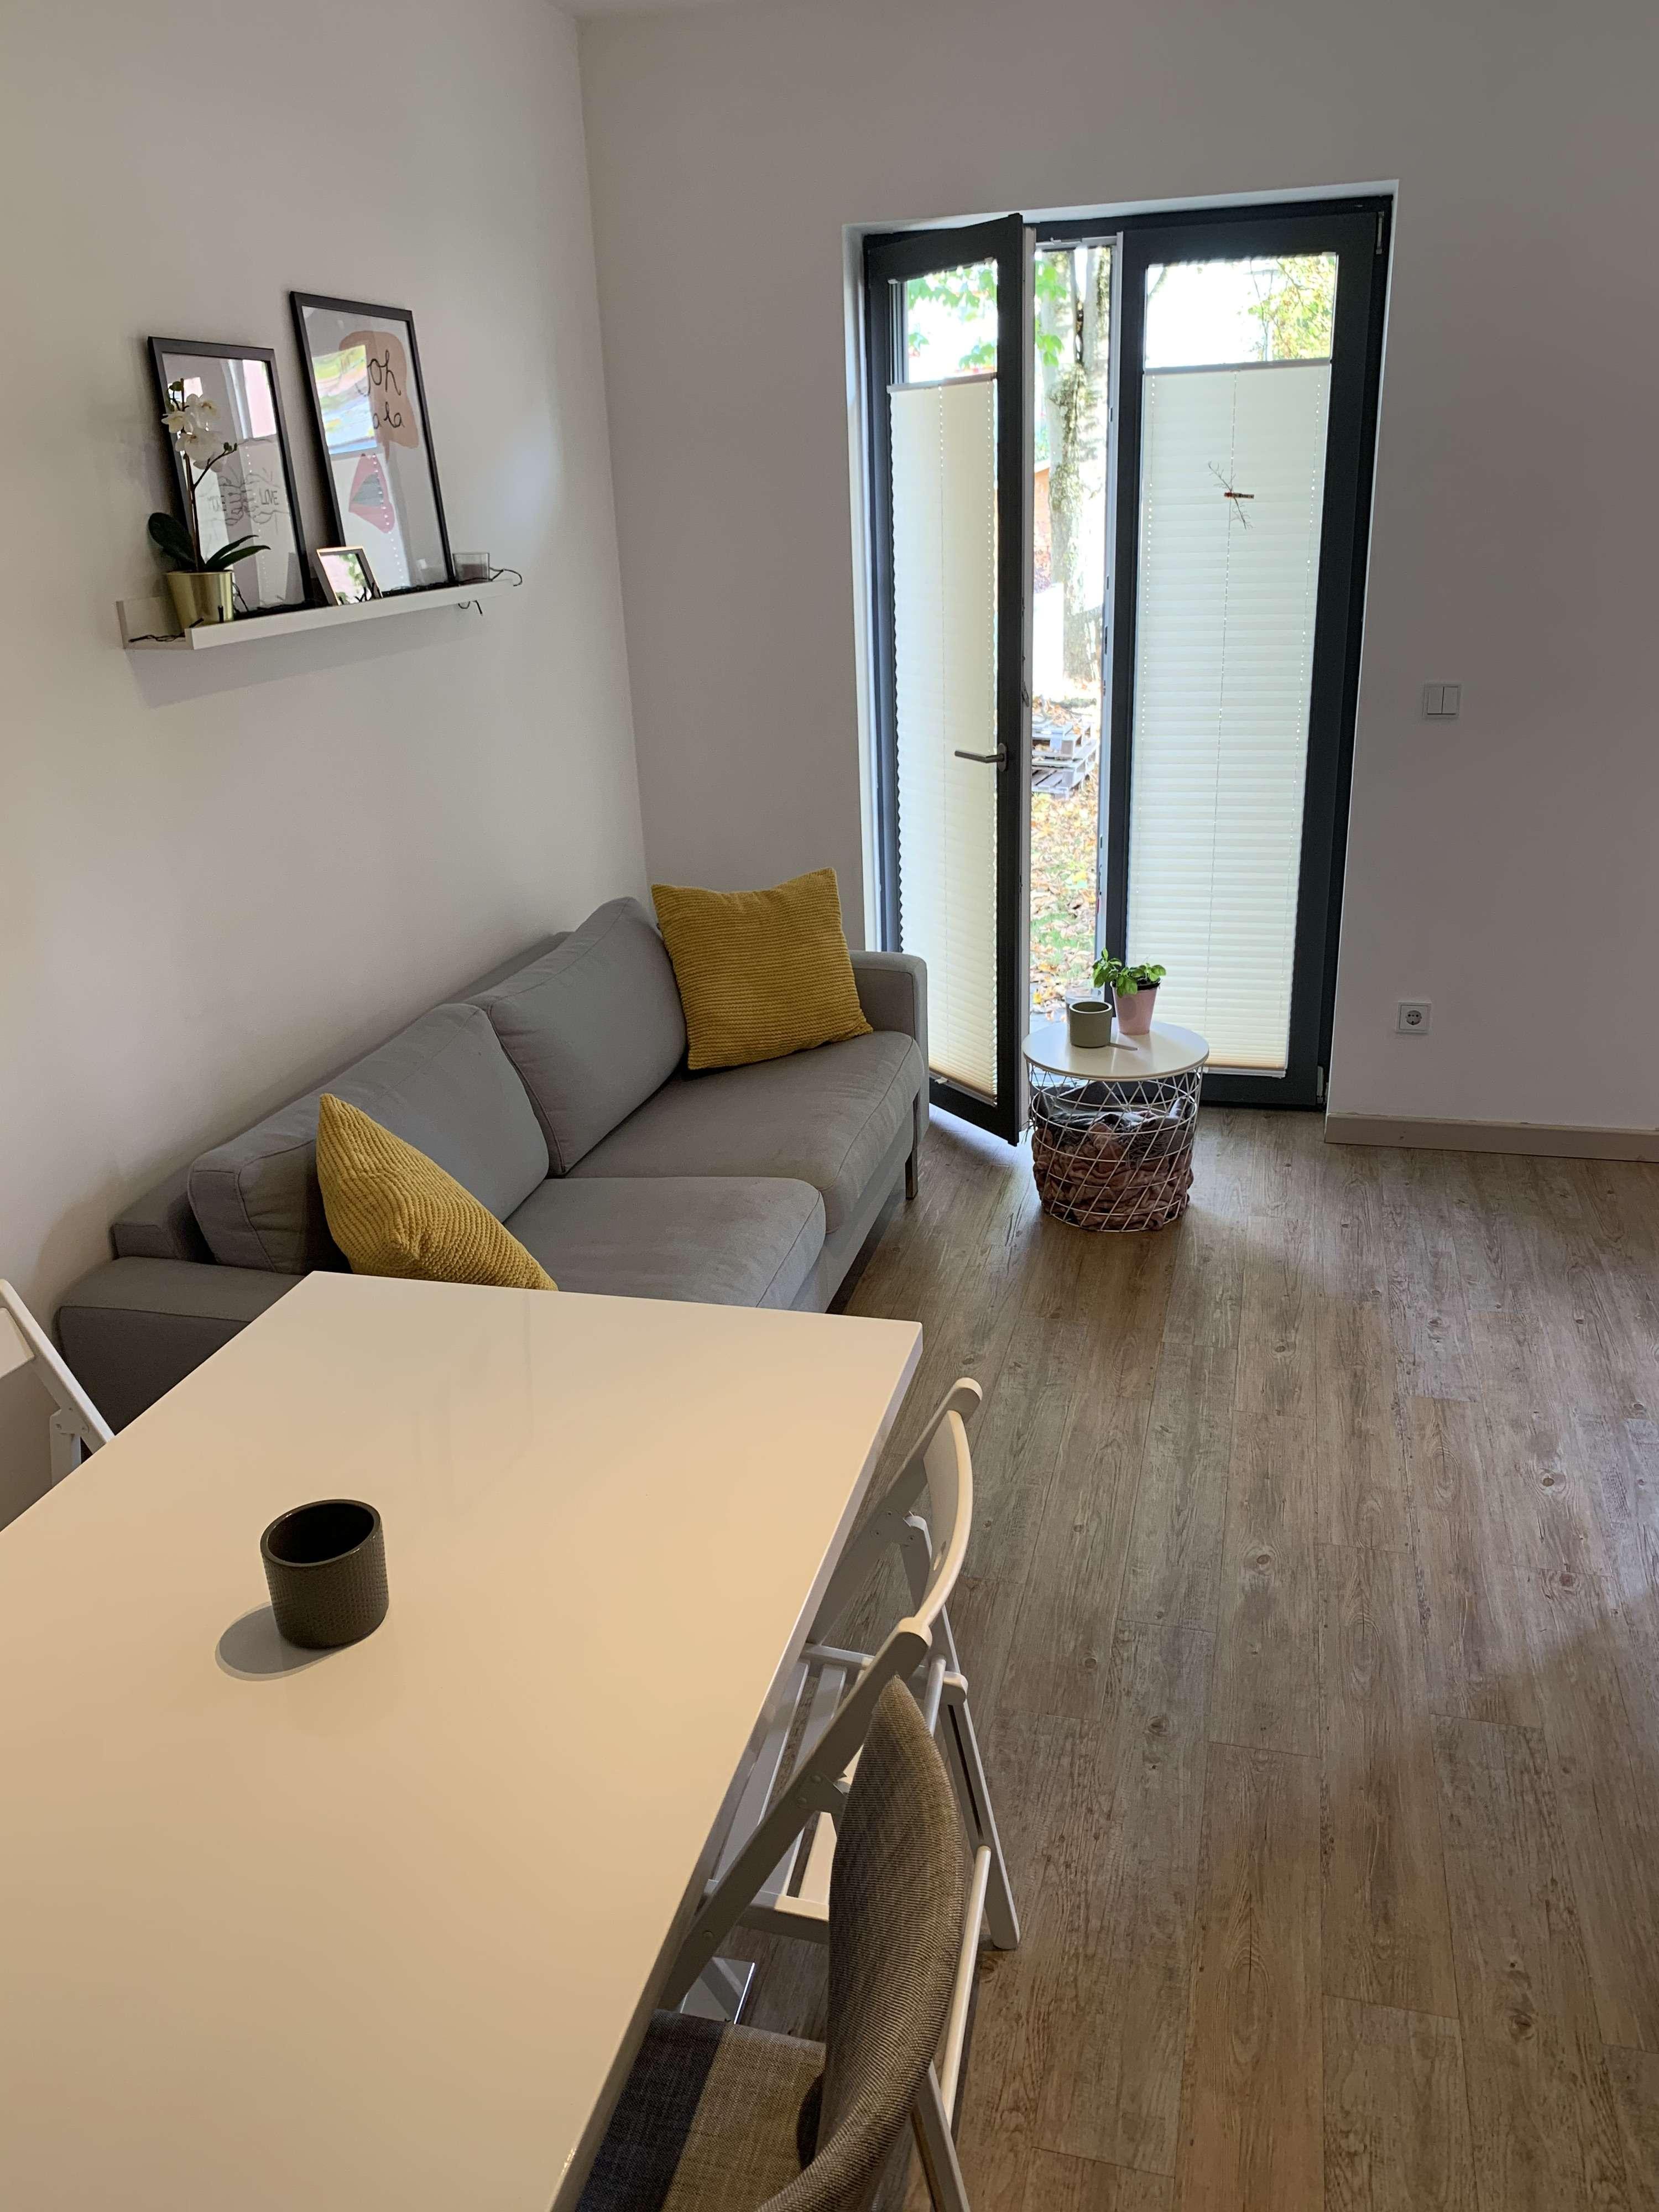 600 €, 44 m², 2 Zimmer in Südost (Ingolstadt)